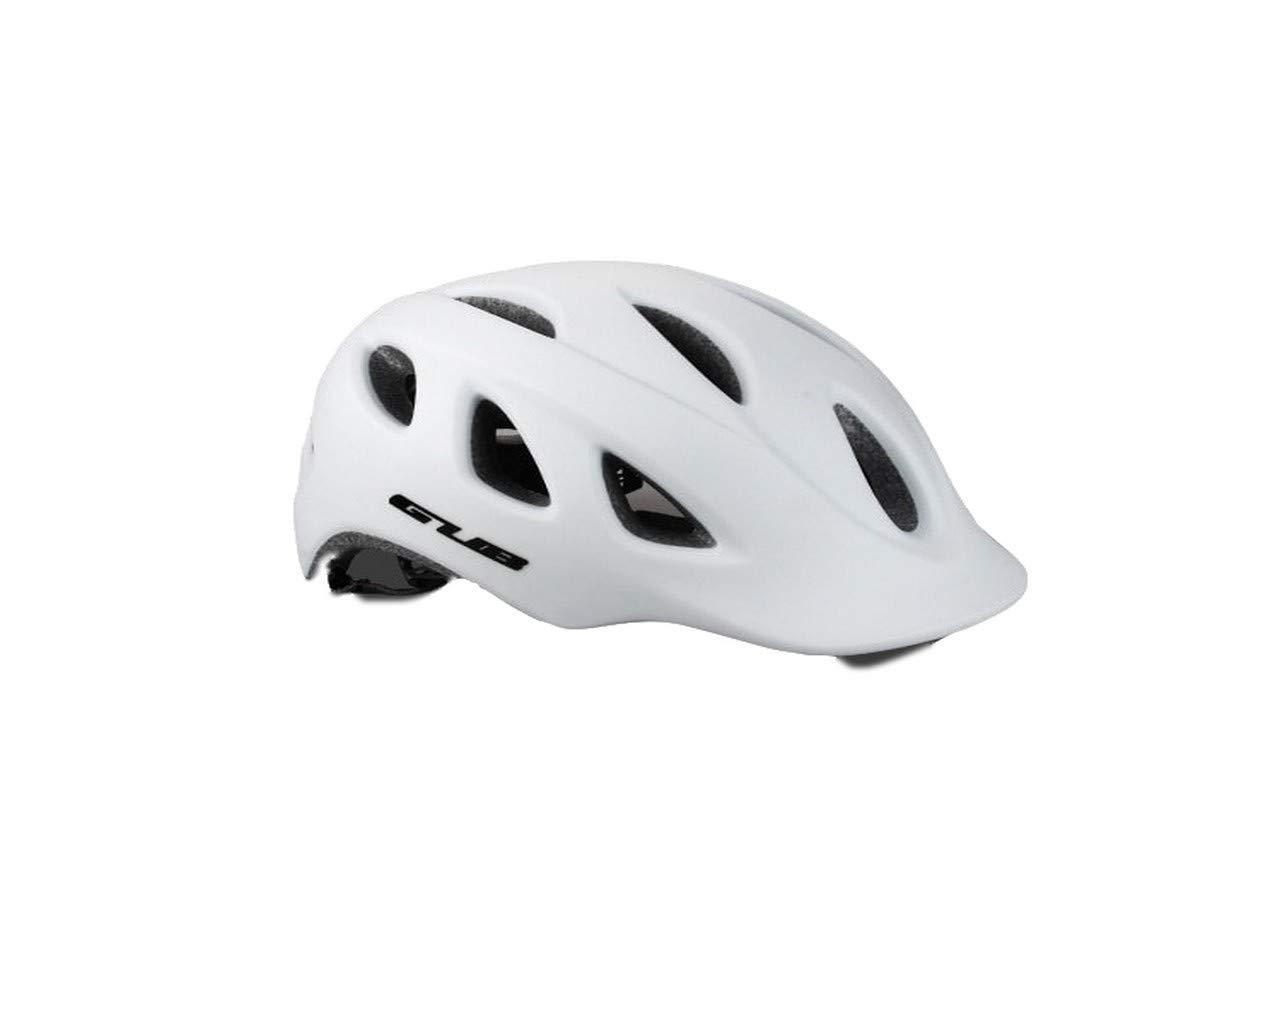 超軽量 サイクリングヘルメット 安全バイク通気 高剛性 男女 サイズ調整可能  白い B07QF24918